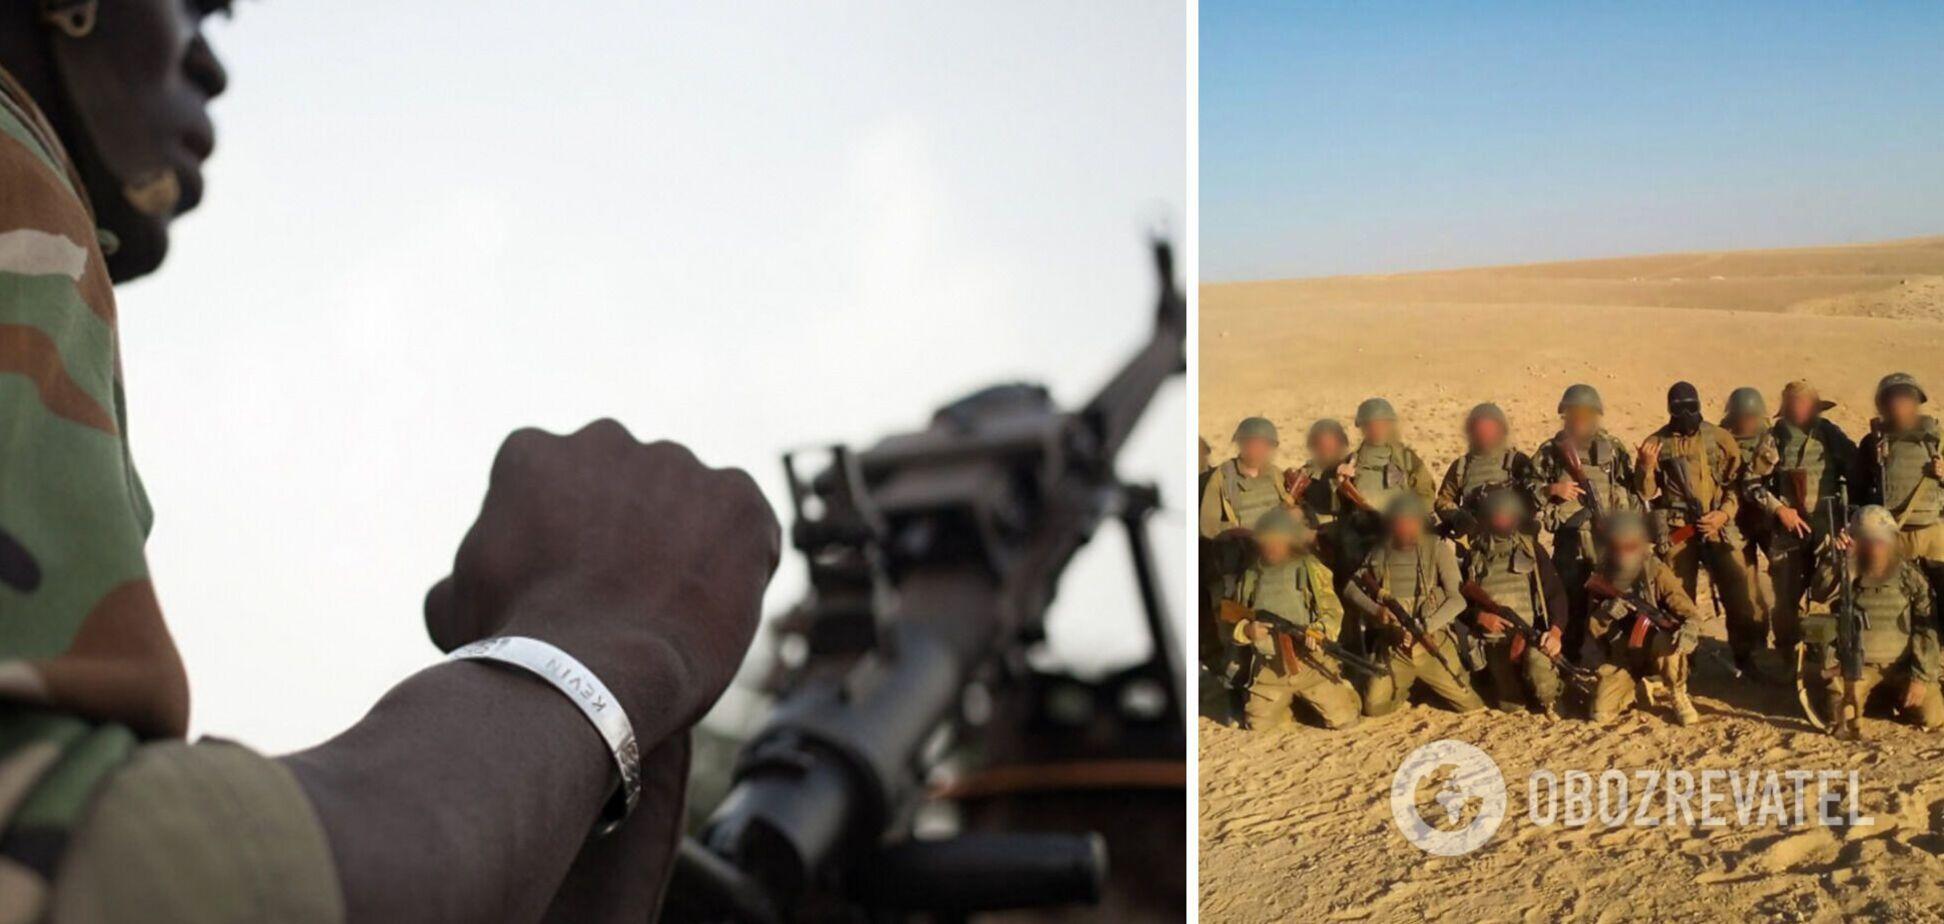 ЗМІ повідомили про захоплення і вбивство вангерівців в Африці: з'явилася реакція посла РФ